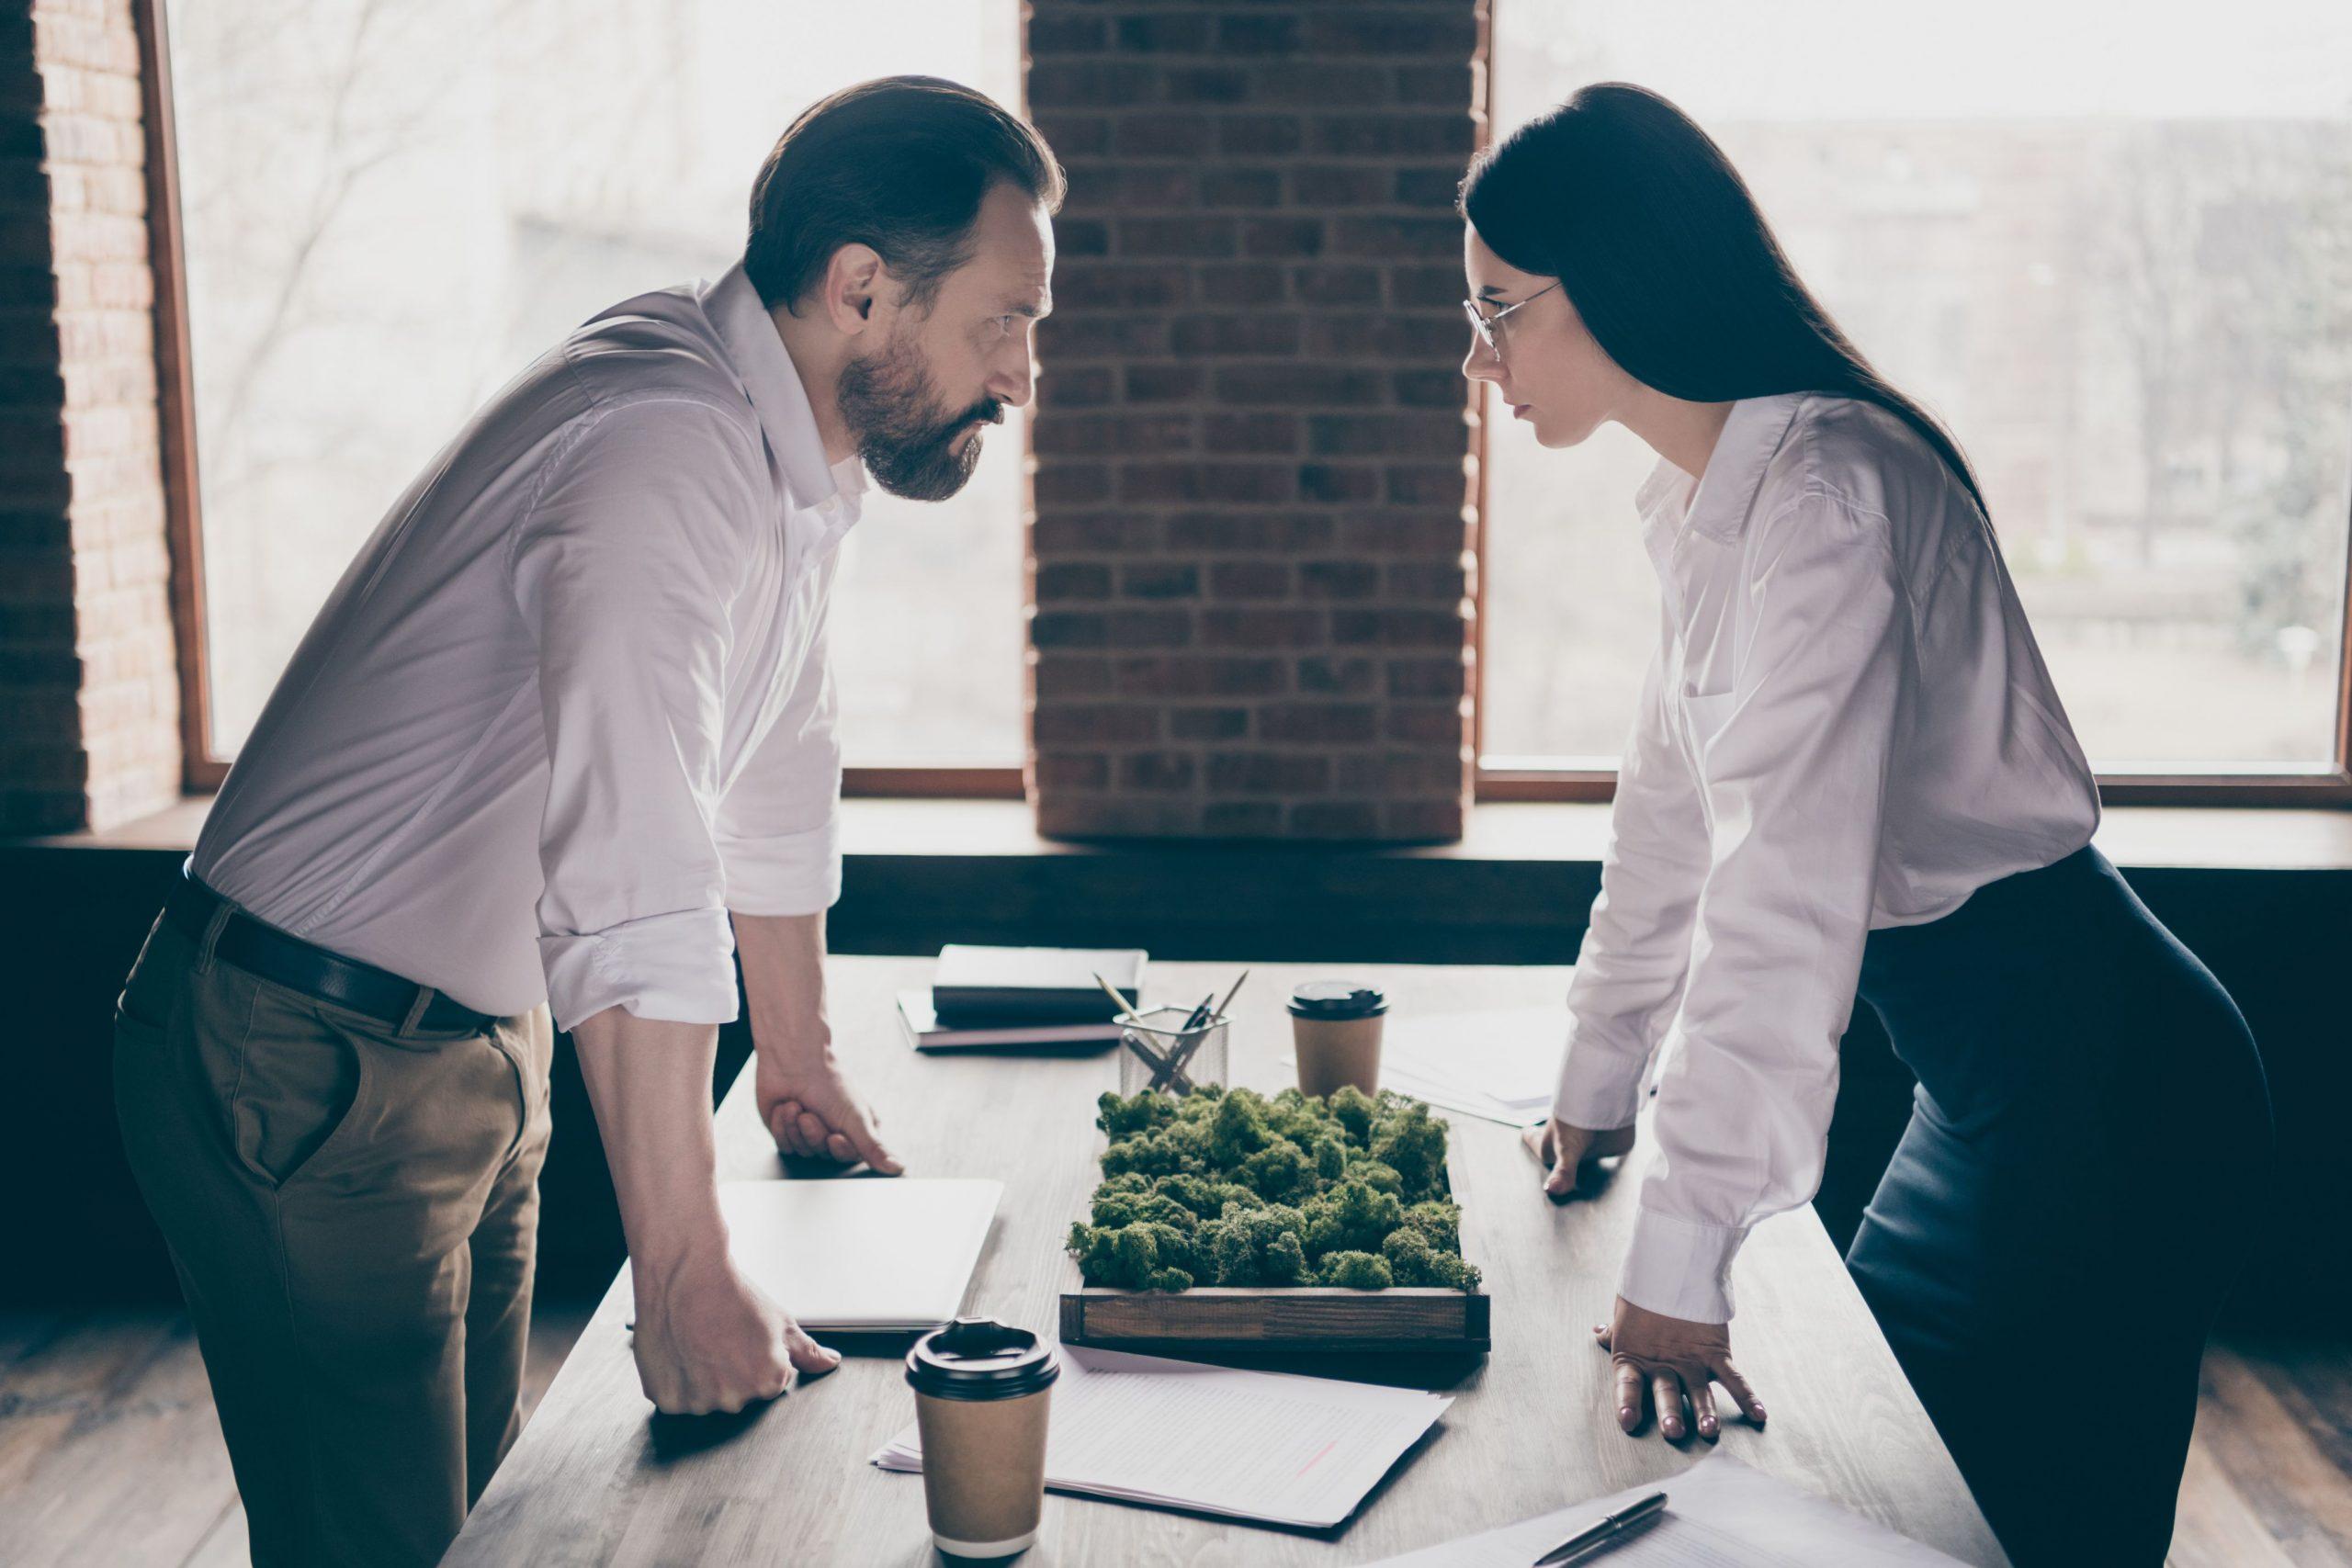 conflit actionnaires litige avocat